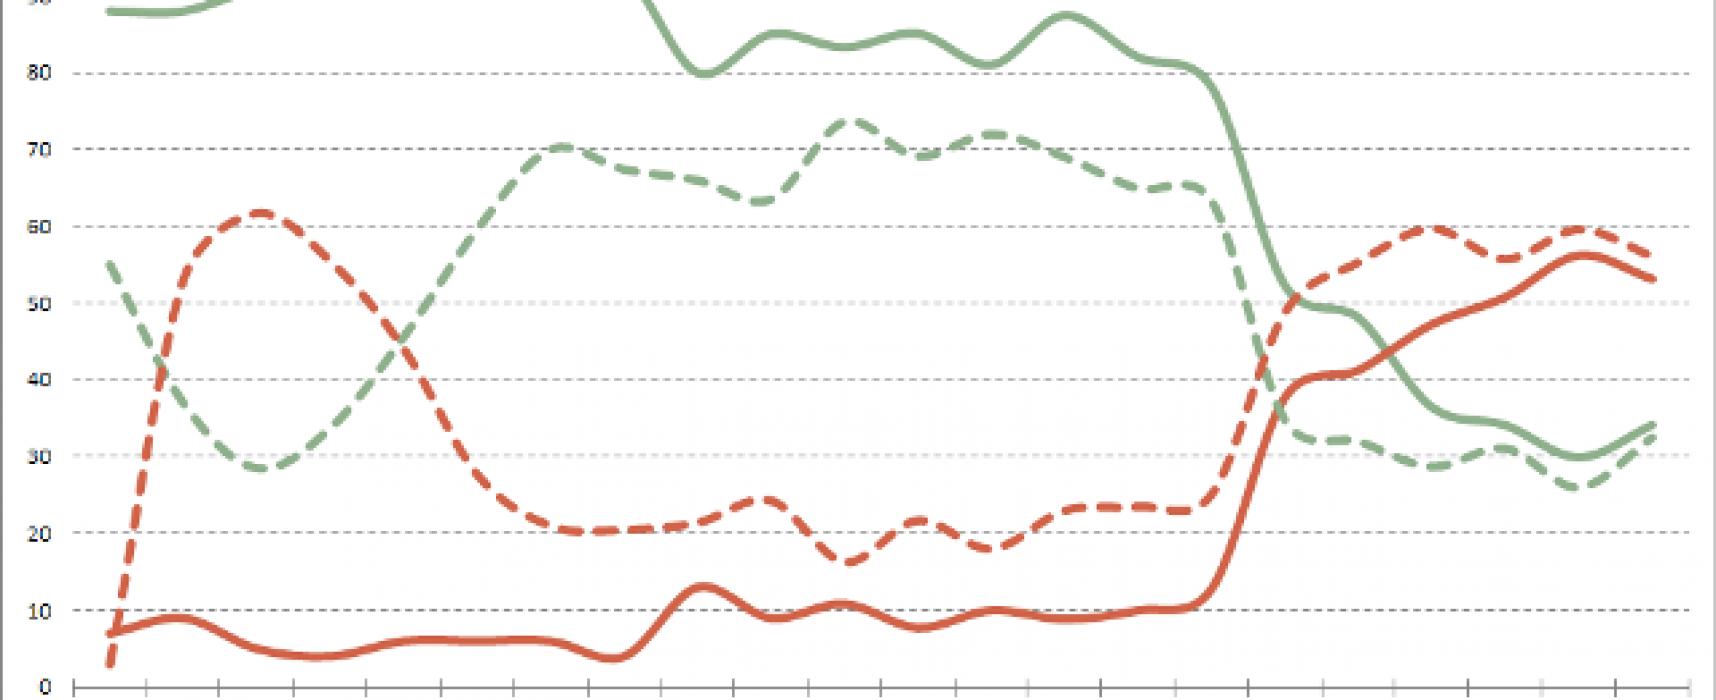 Российско-украинские отношения в зеркале общественного мнения: сентябрь 2015